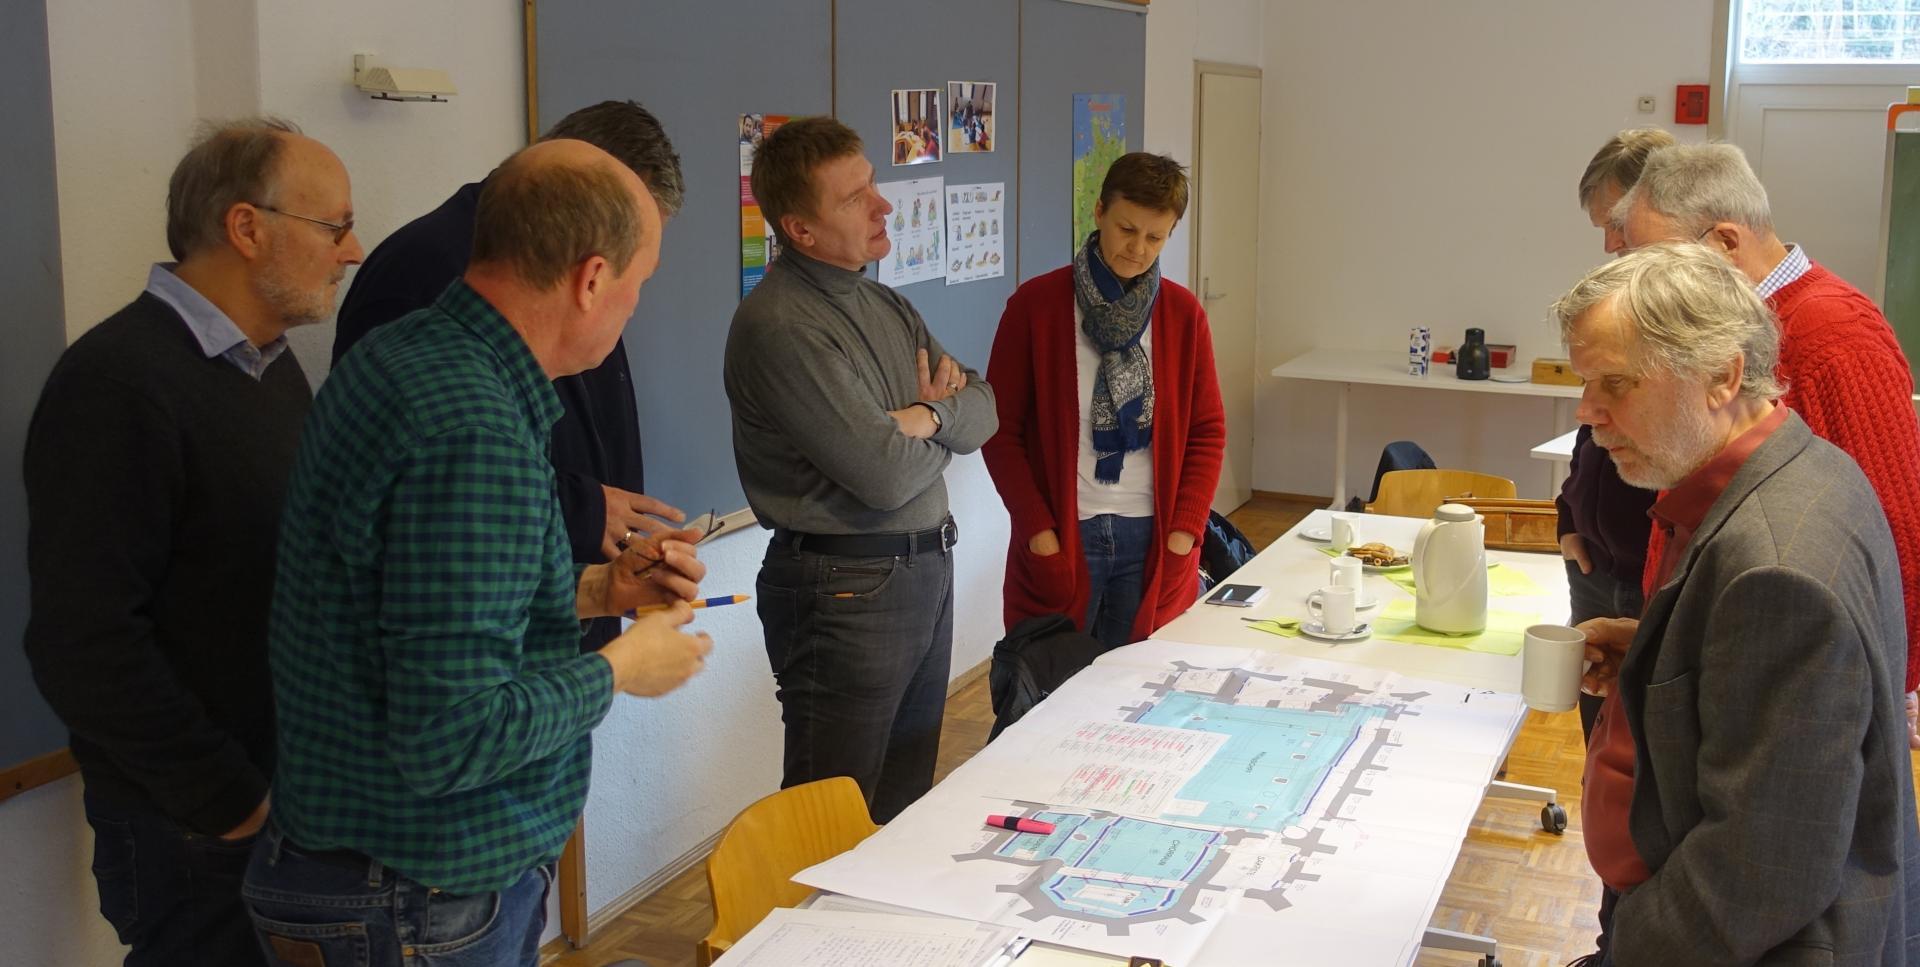 Herr Baumann, der den Anwesenden seinen Plan mit Bezug auf die Erkenntnisse der Beheizungssimulation erklärt